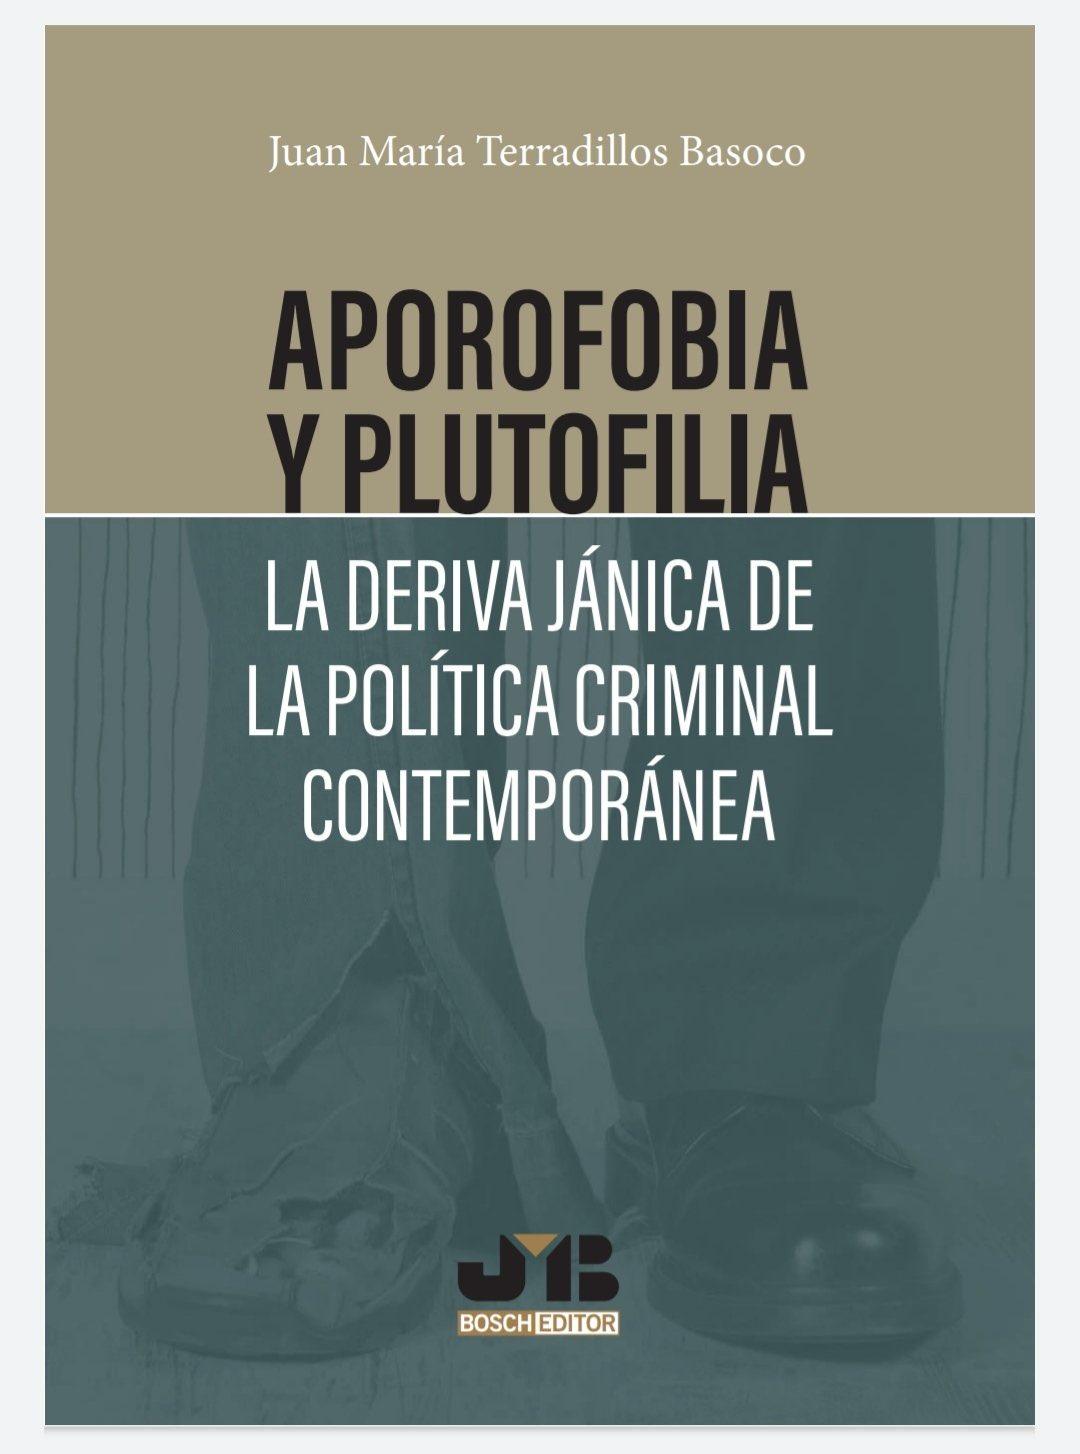 Cubierta del libro Aporofobia y Plutofilia